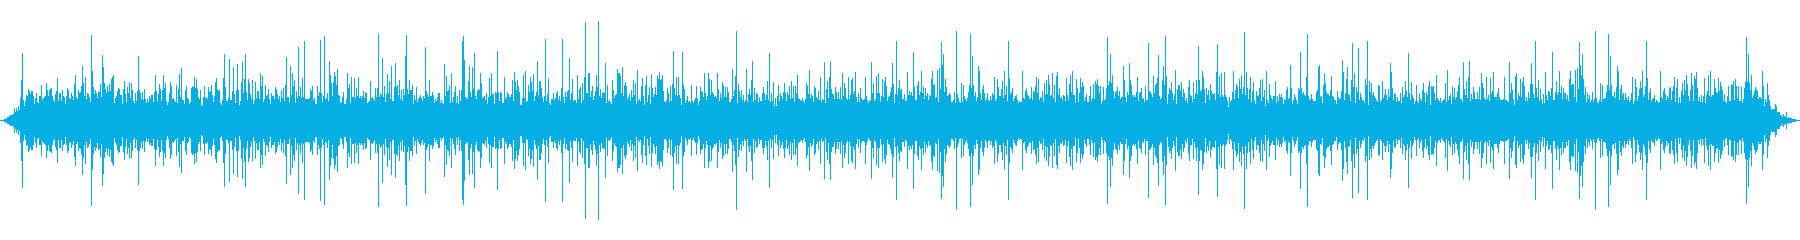 ブルックオアストリーム:しぶきトリ...の再生済みの波形